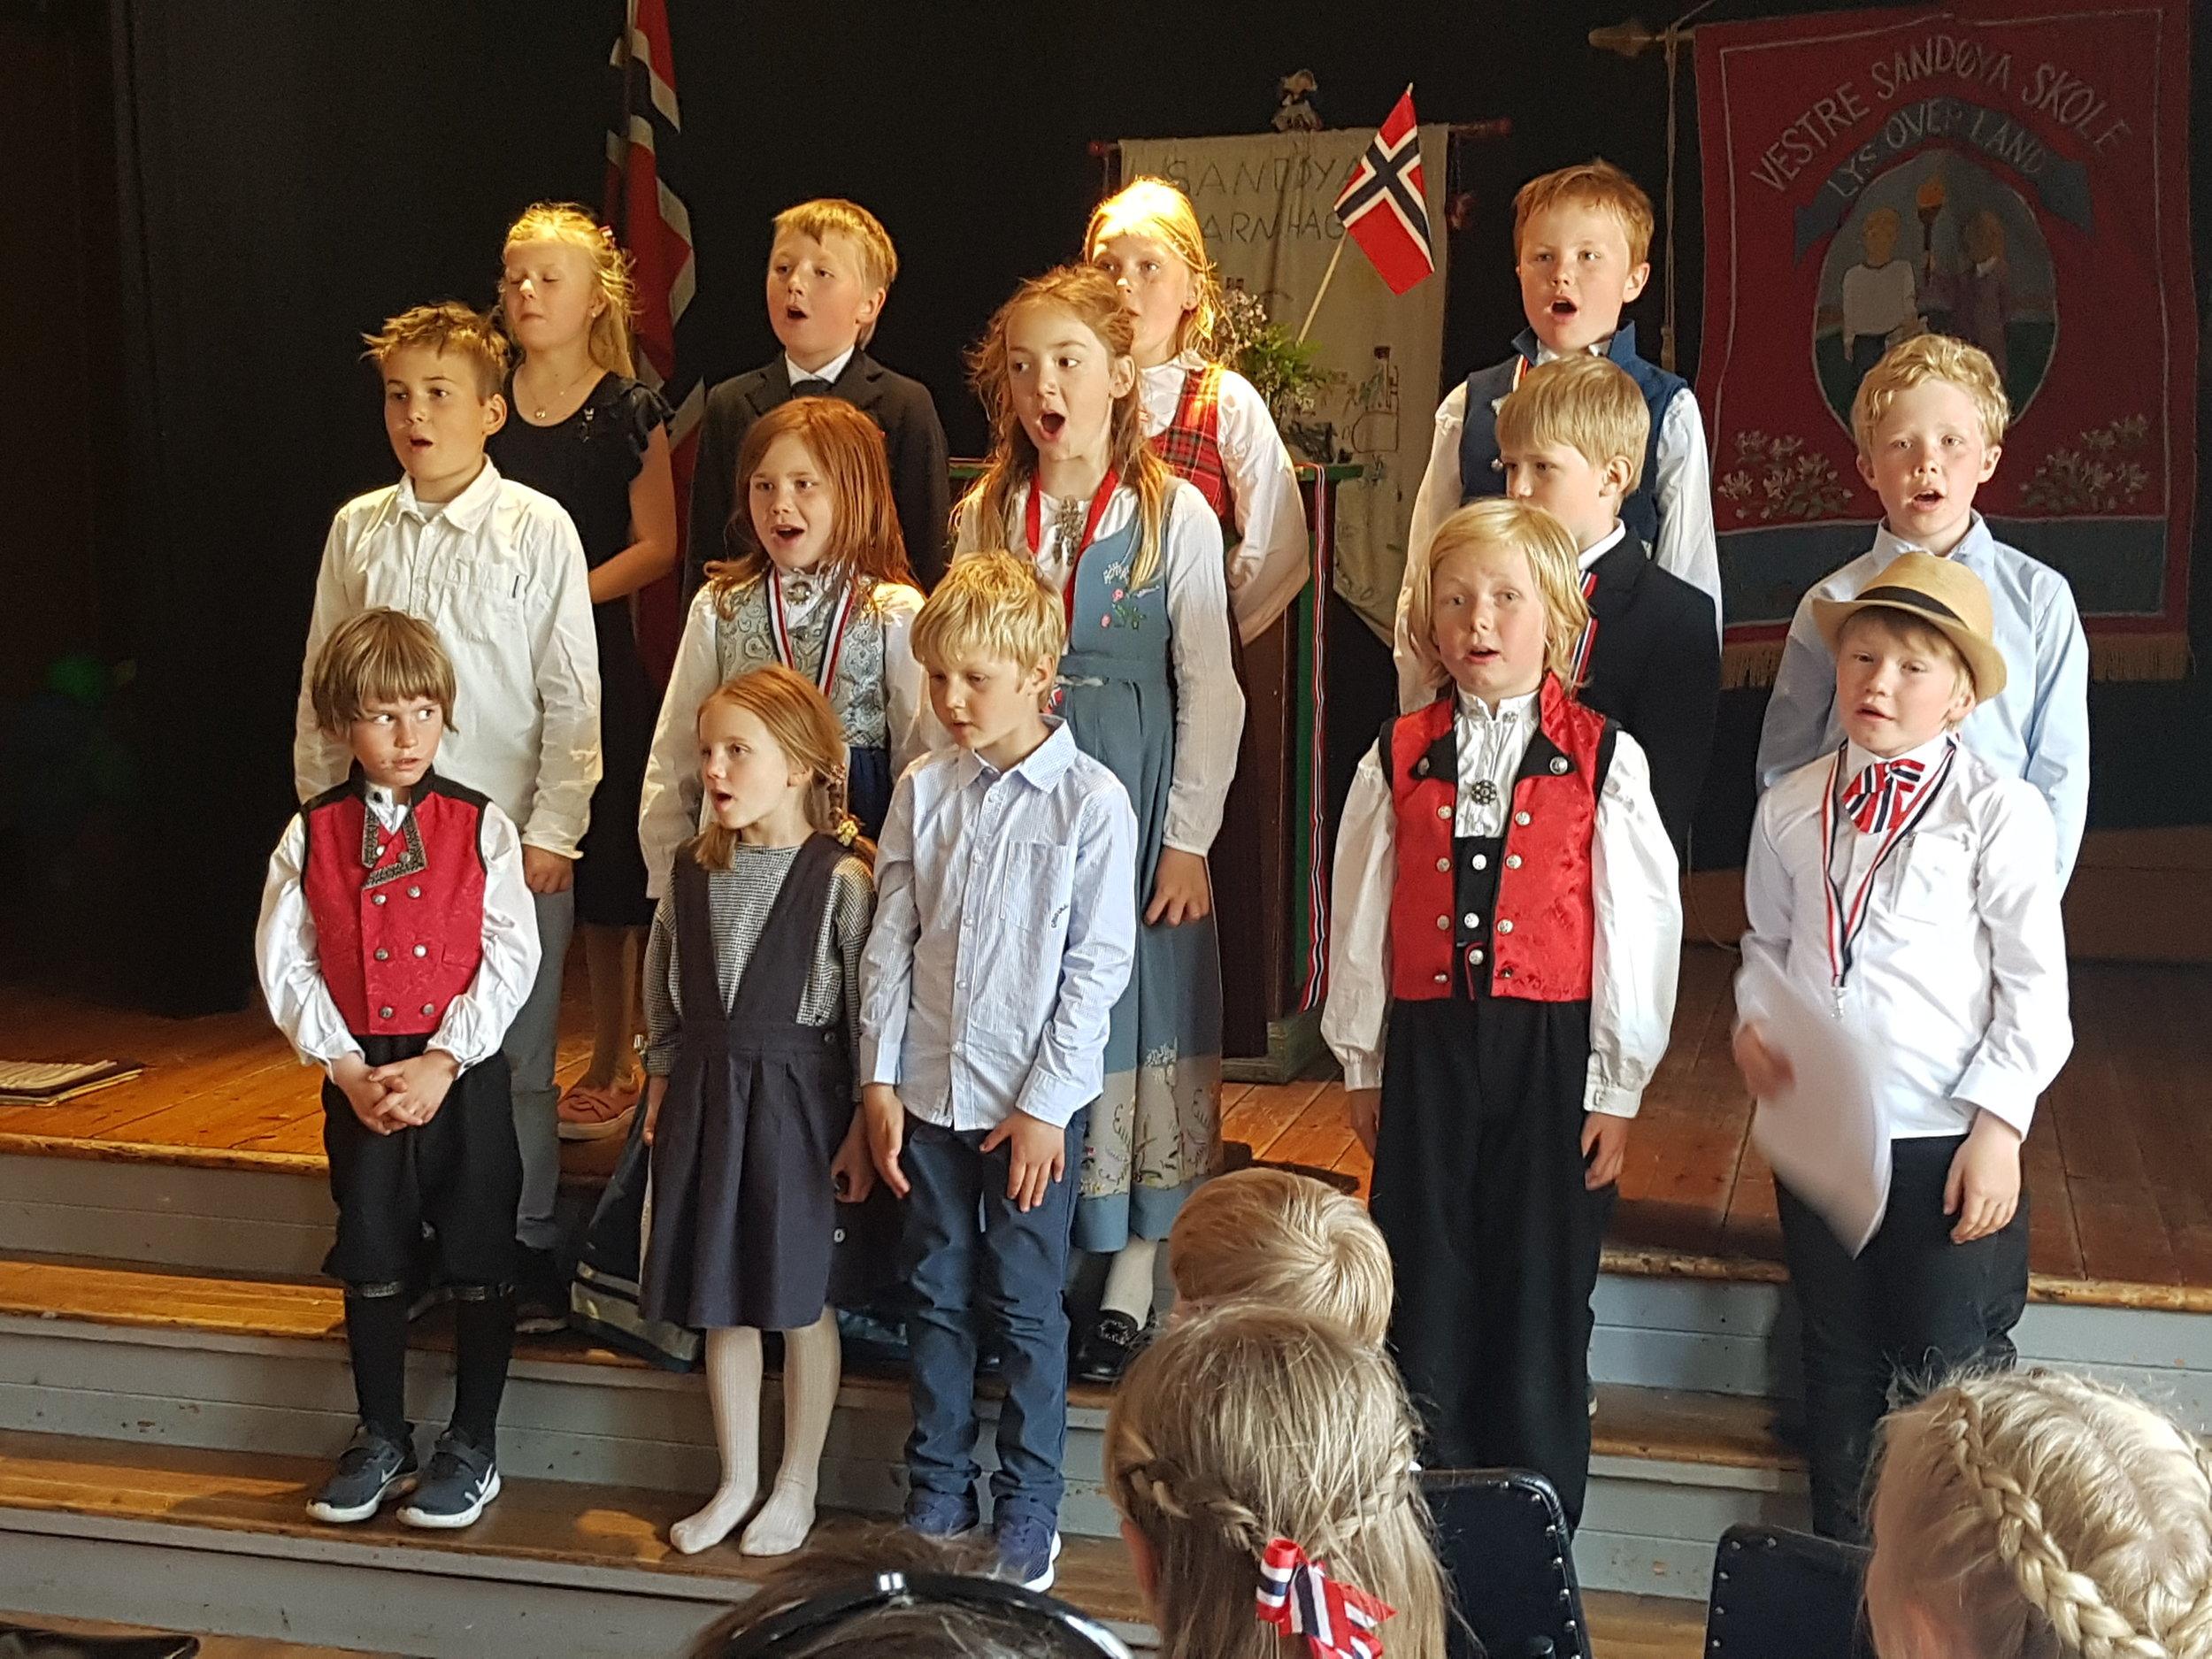 Skolebarna opptrer med sang på Kjennhaug. Foto: Rolf Schøning